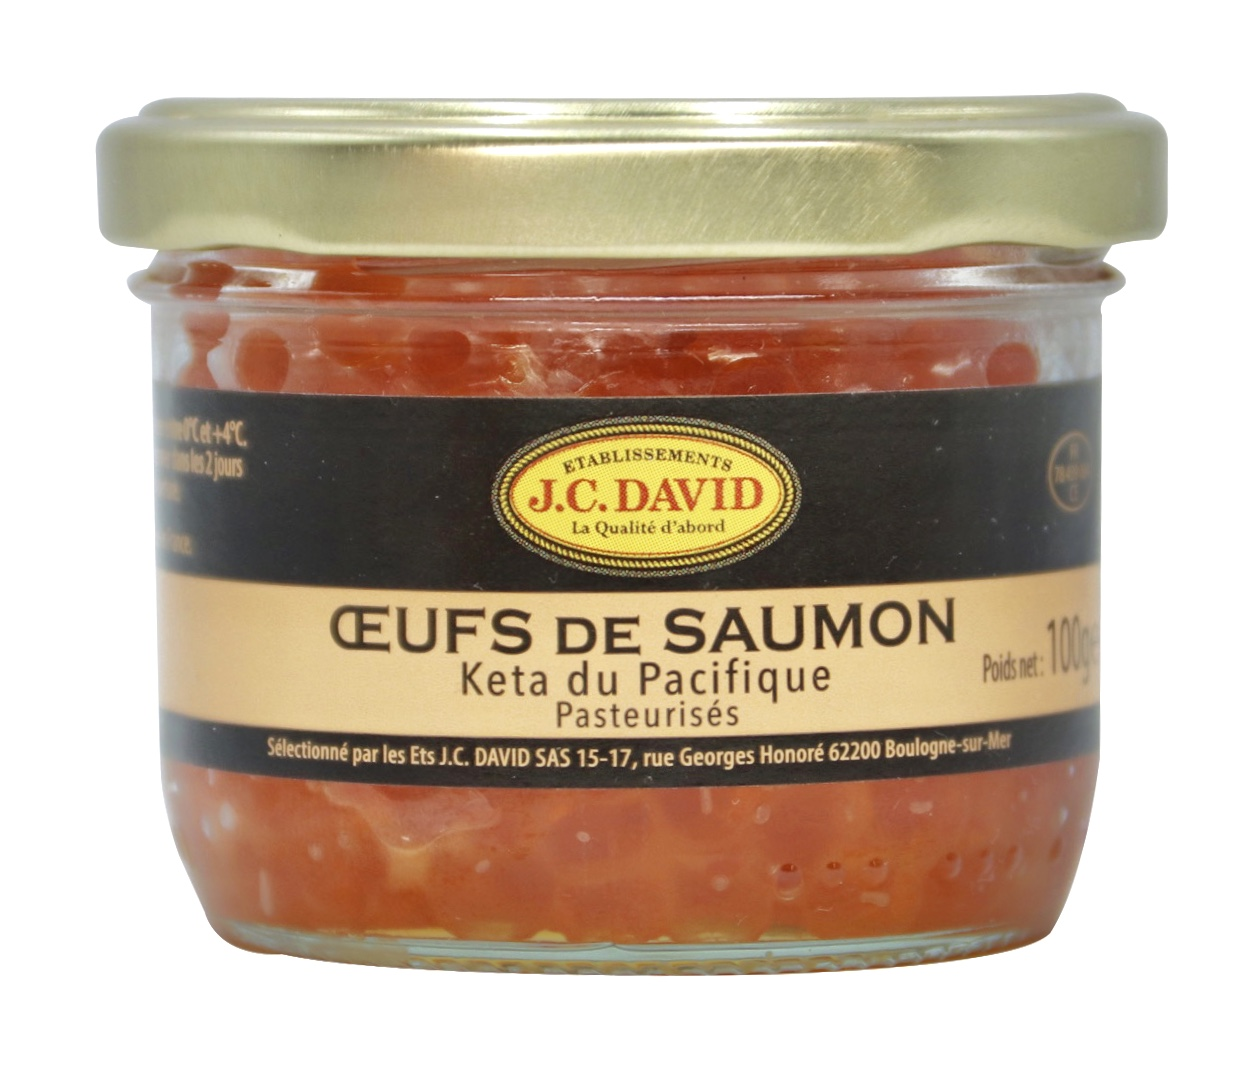 OEUFS DE SAUMON SAUVAGE - 100g